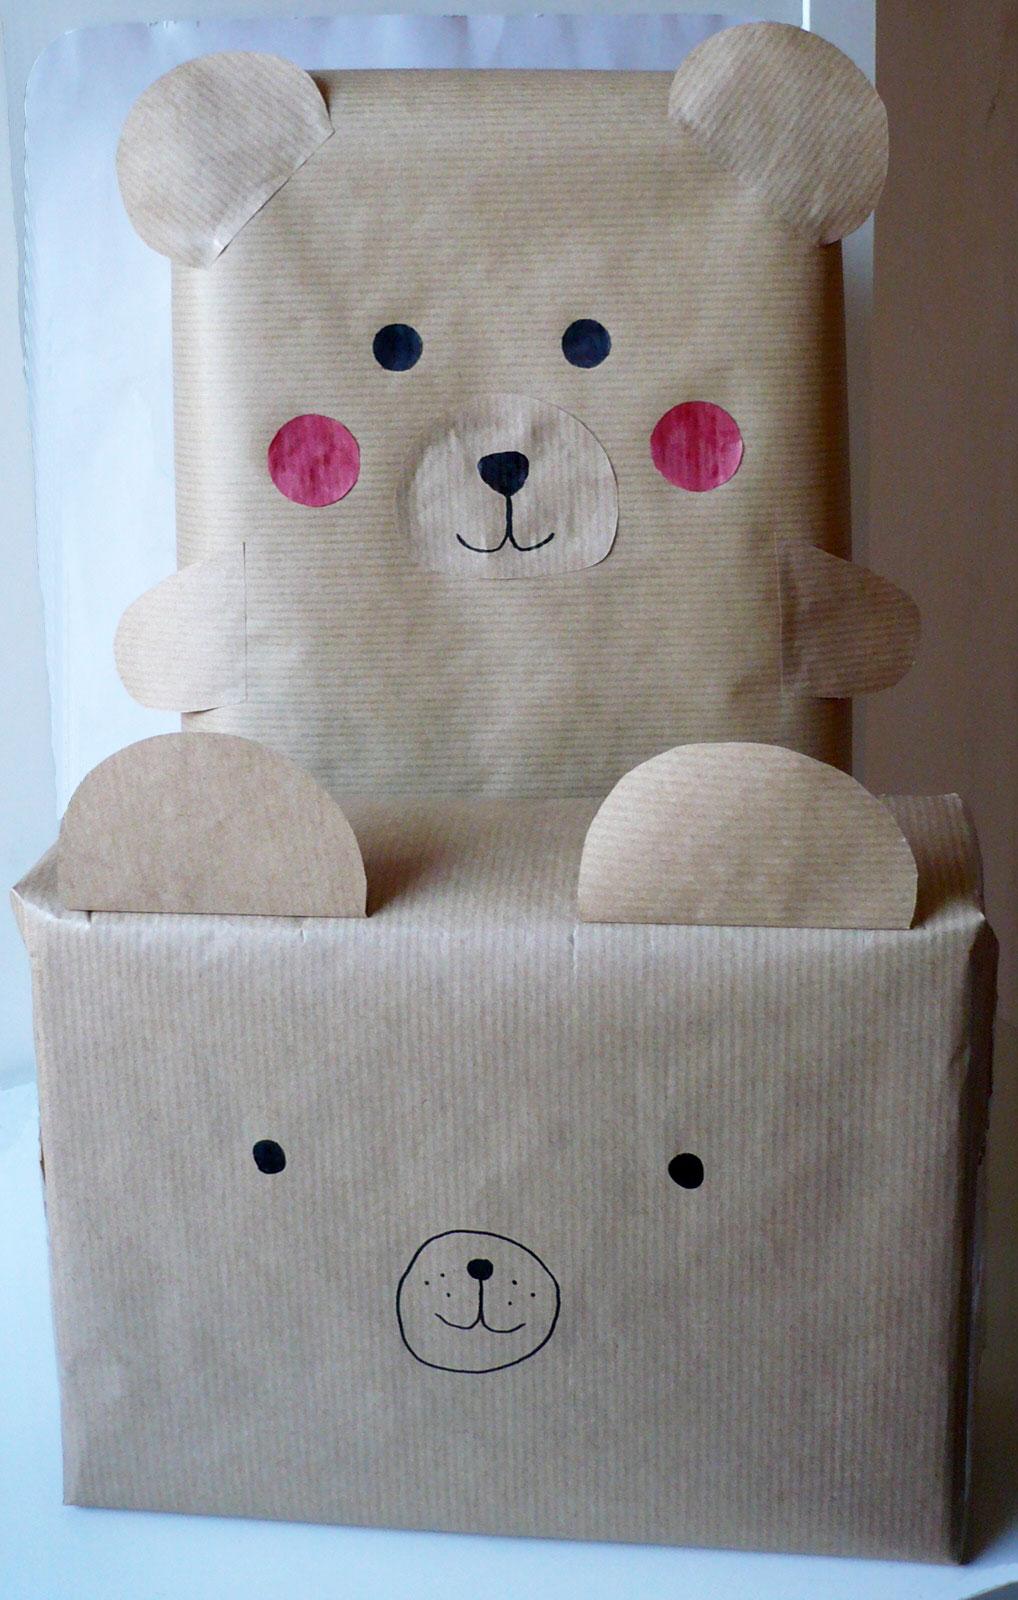 Emballages cadeaux animaux l ours emballage cadeau - Emballage cadeau saint valentin ...